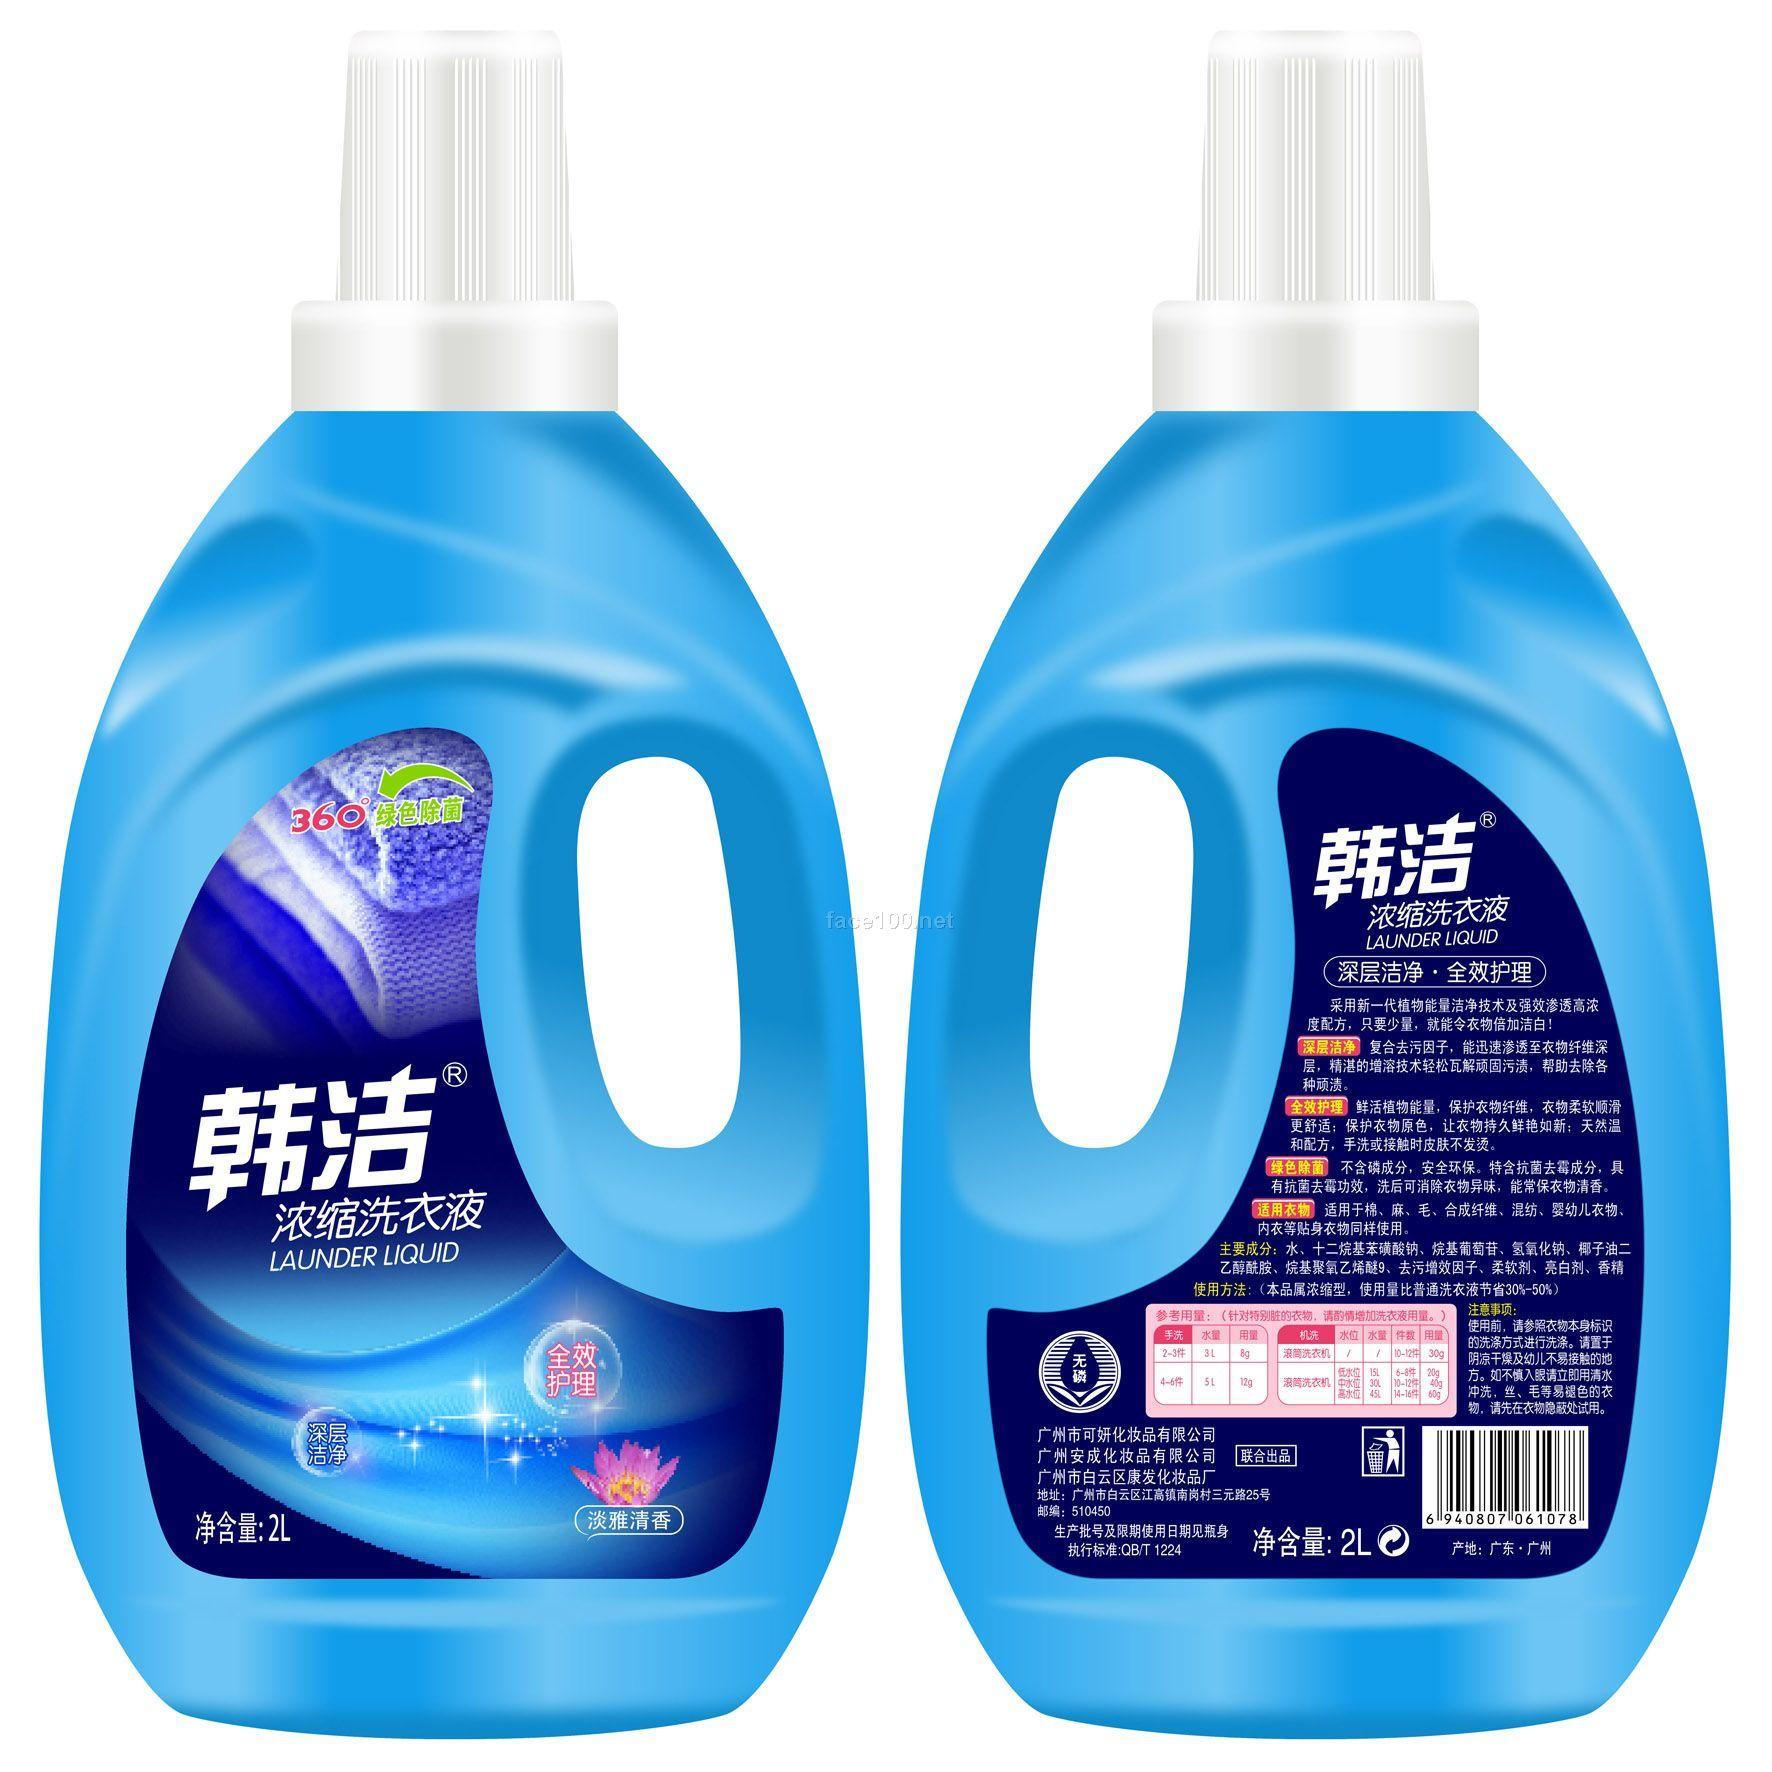 韩洁洗衣液